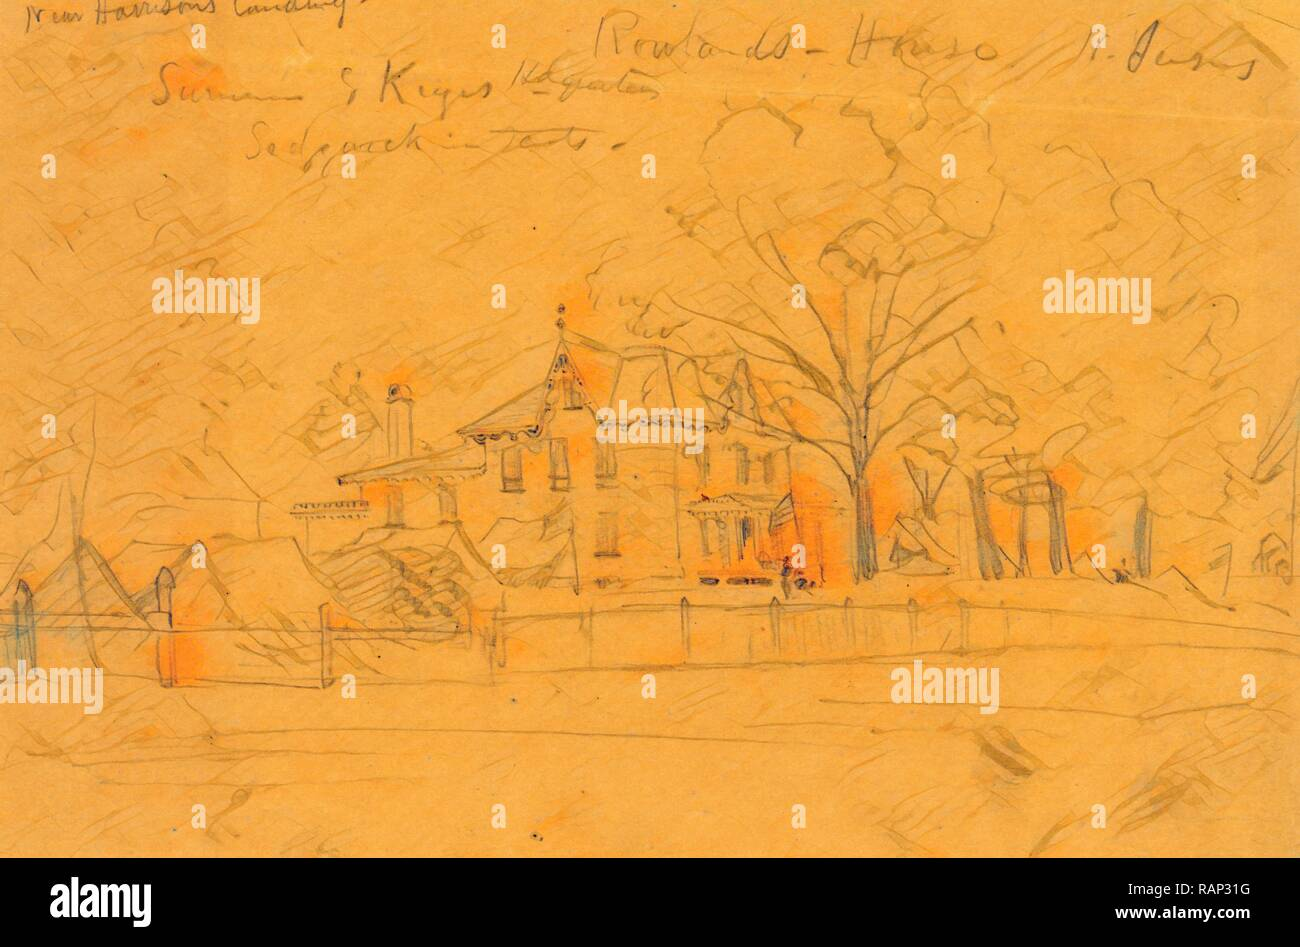 Rowlands Chambre N. Jersey, juillet 1862 ?, dessin sur papier crayon ...